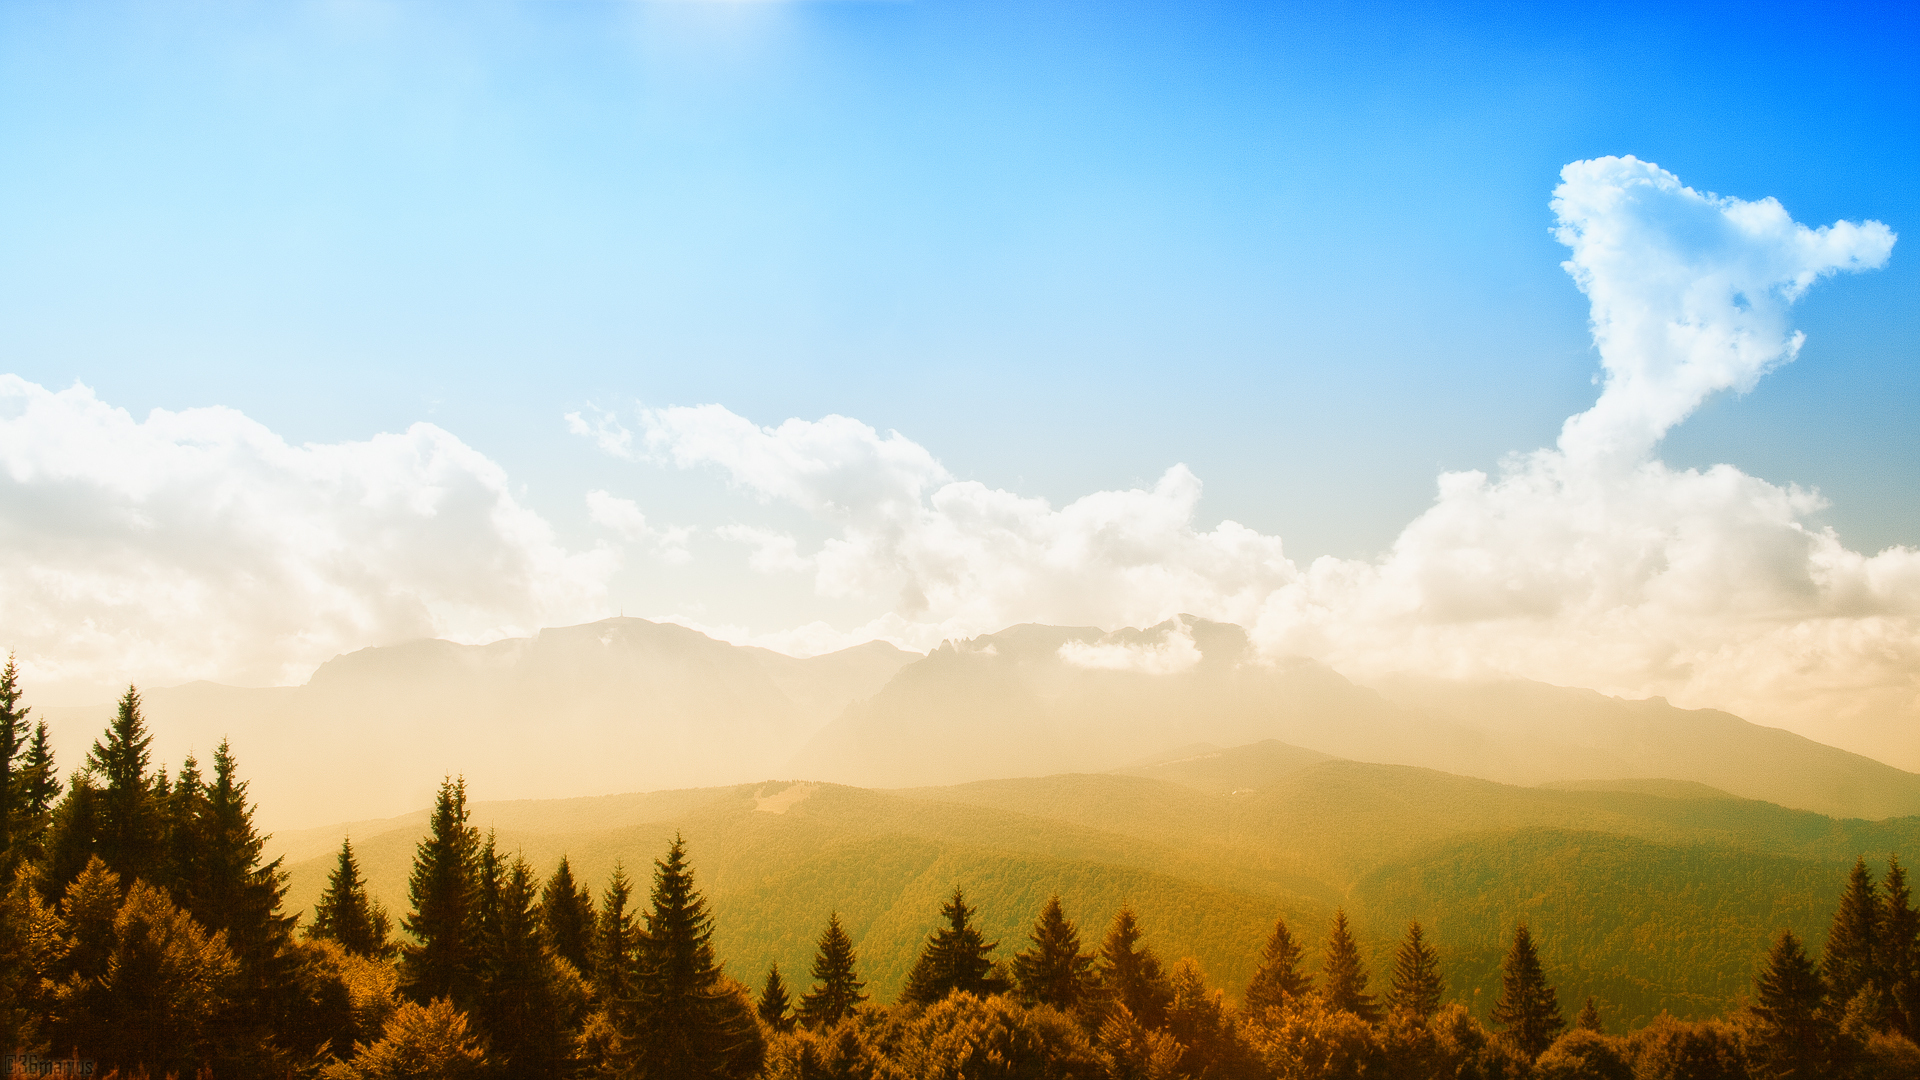 природа горы облака  № 2602249 загрузить